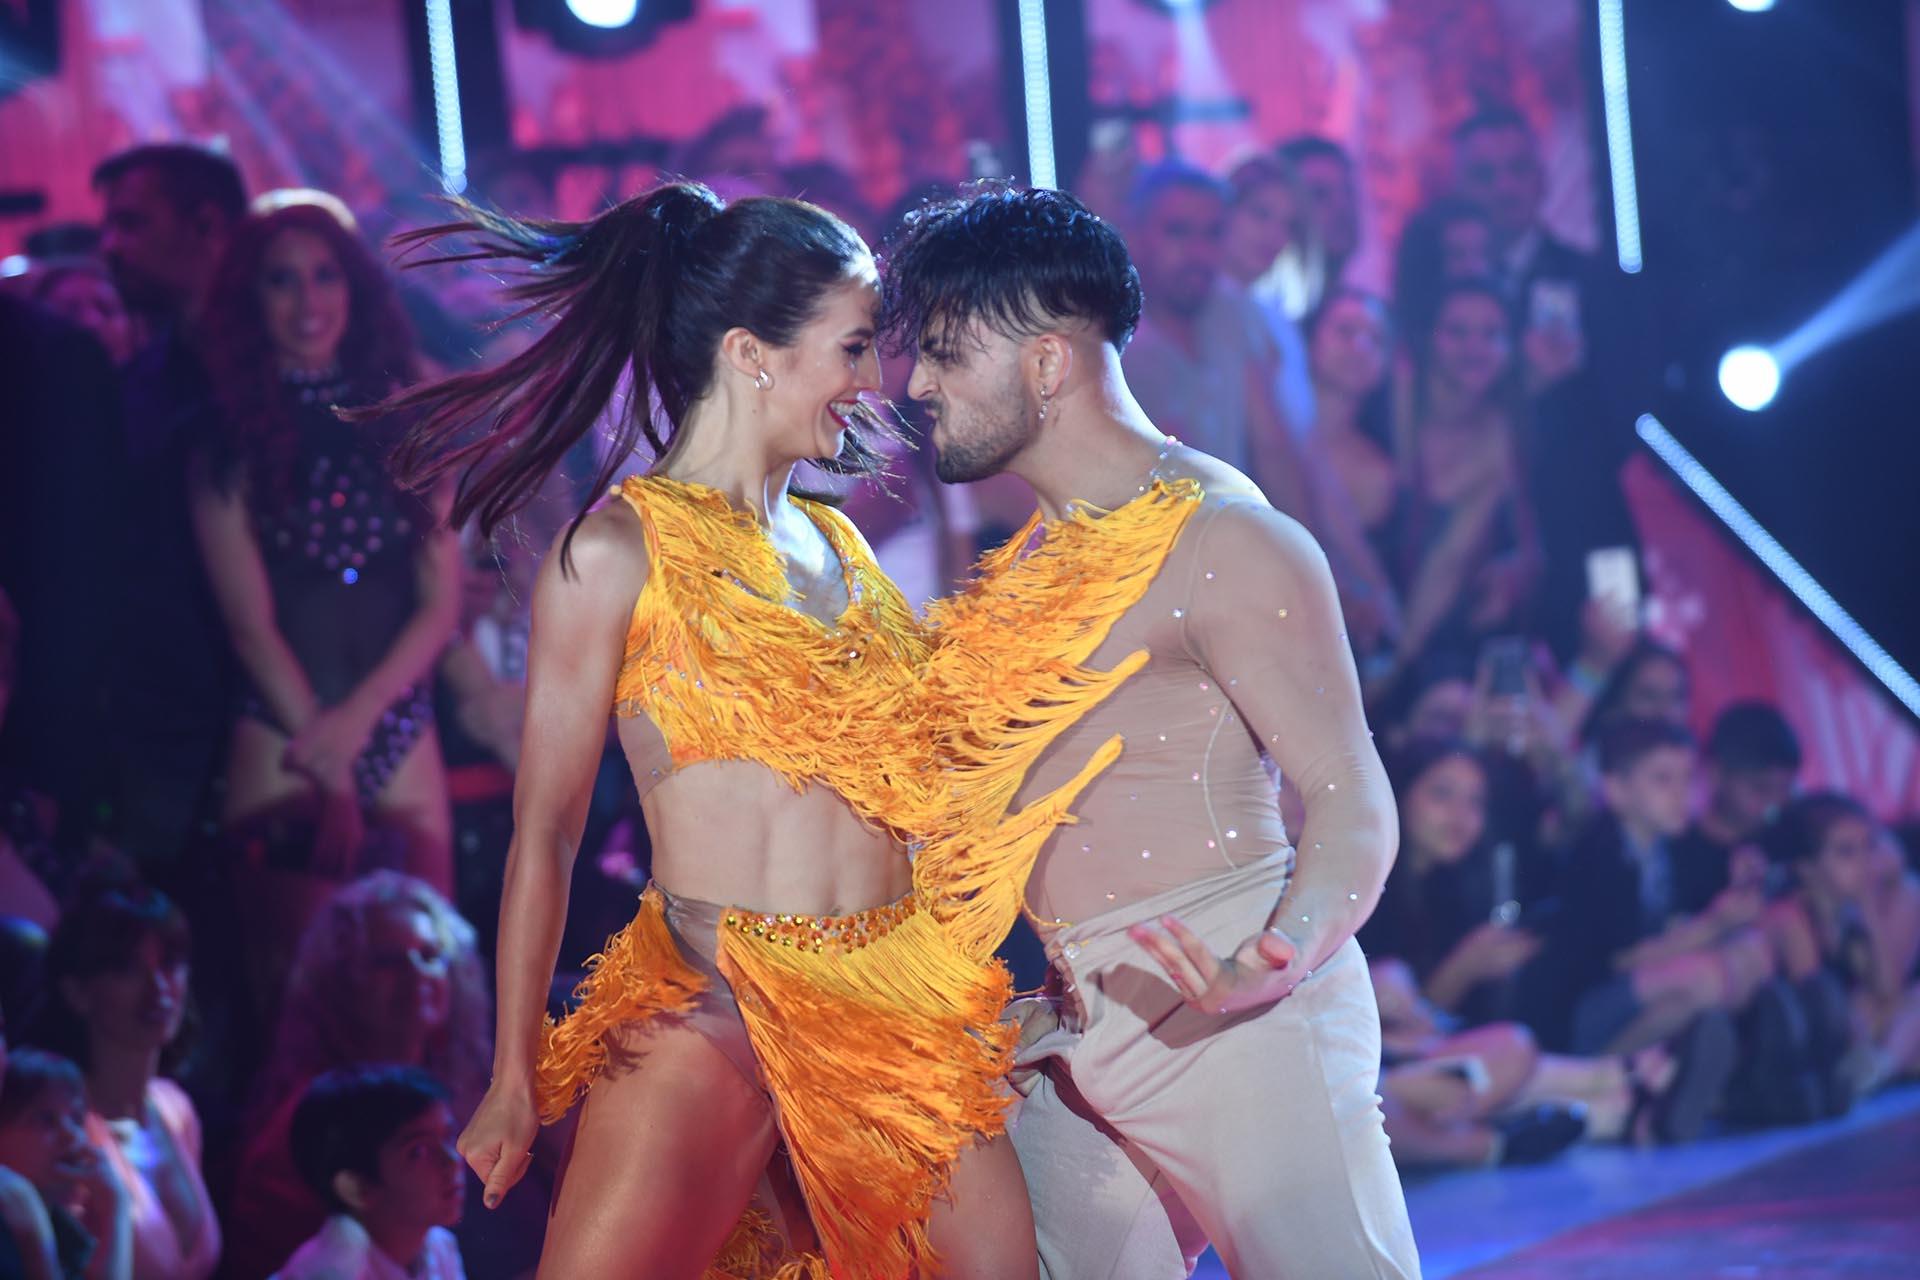 Facu y Flor bailando el Cha Cha Pop (Foto: Negro Luengo / LaFlia)